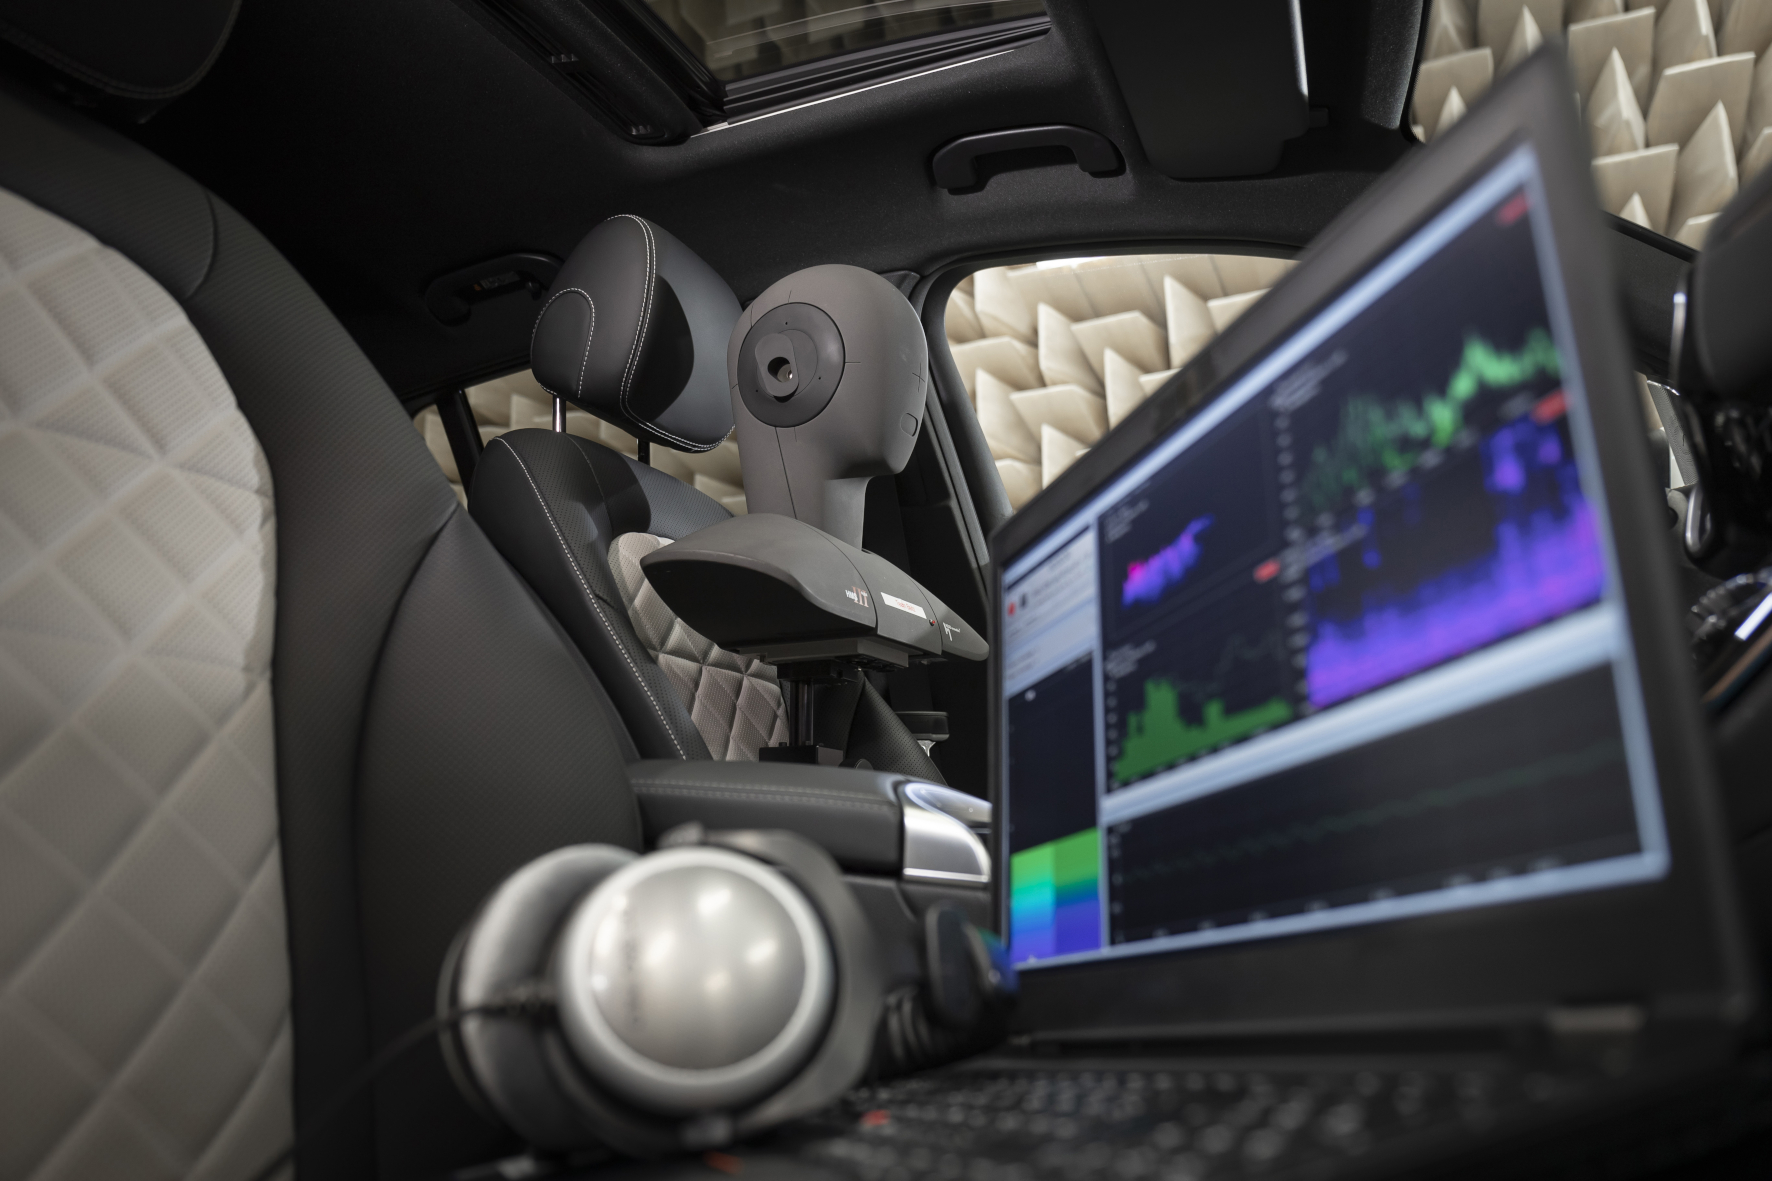 mid Groß-Gerau - Mit Hilfe eines Kunstkopfs suchen Akustikexperten bei Mercedes nach dem besten Warngeräusch für E-Autos. Daimler